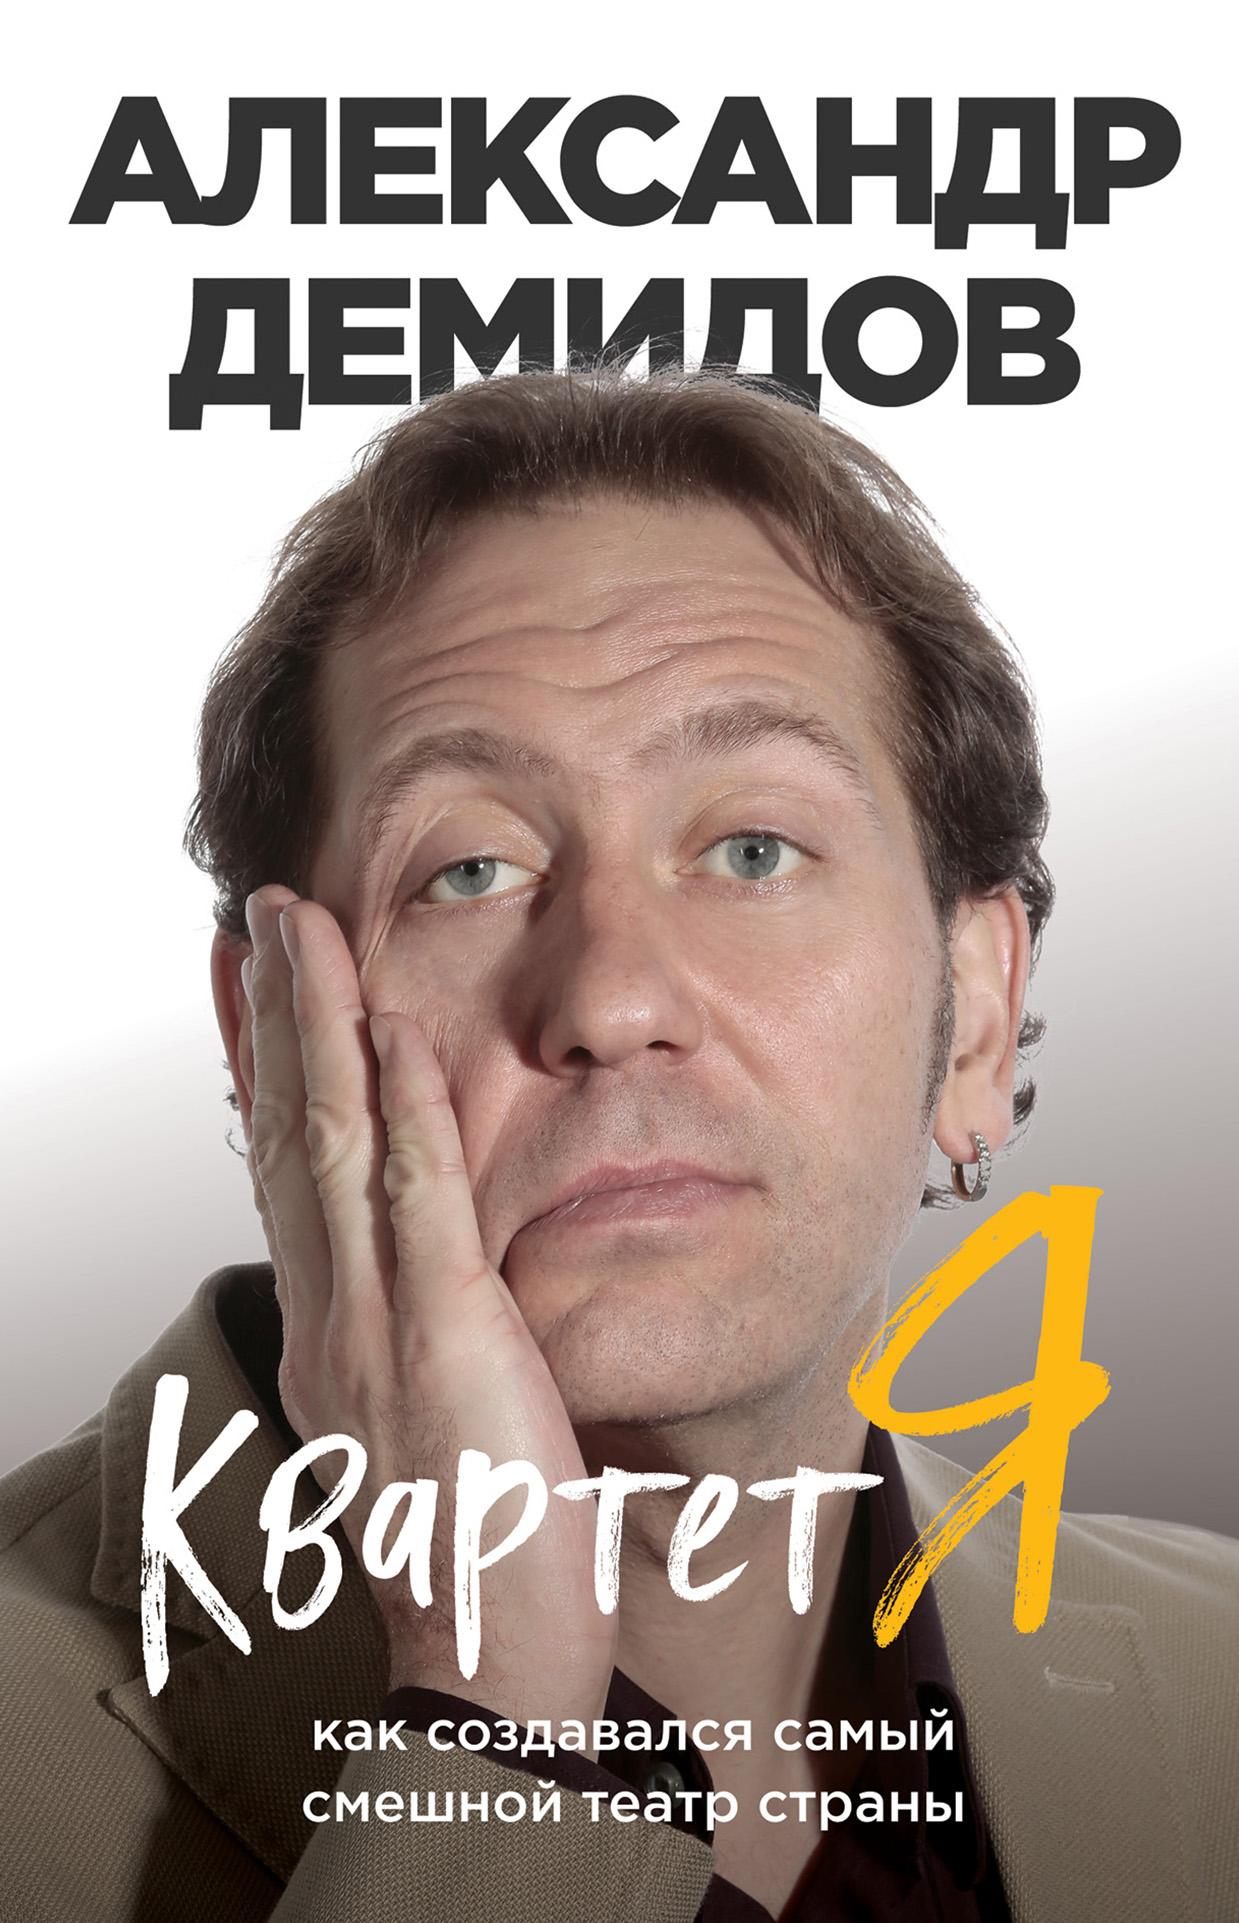 Александр Демидов Квартет Я. Как создавался самый смешной театр страны святослав ещенко самый смешной концерт